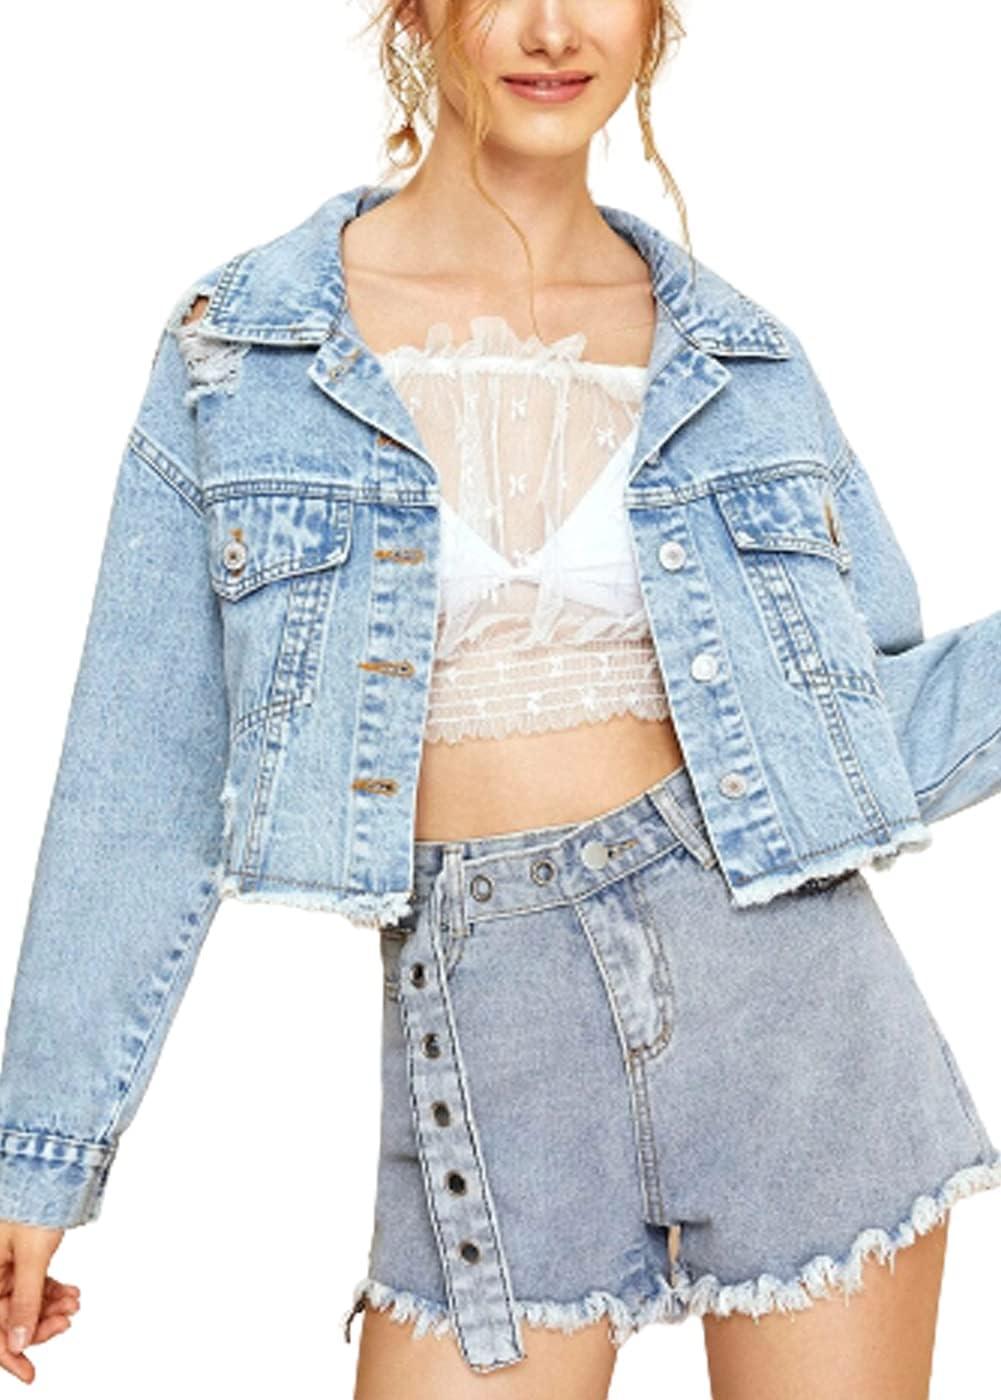 WanXingLiHe Loose Fashion Ripped Denim Jacket for Women, Raw Edge Boyfriend Style Jean Coats Streetwear,Light Blue,XS